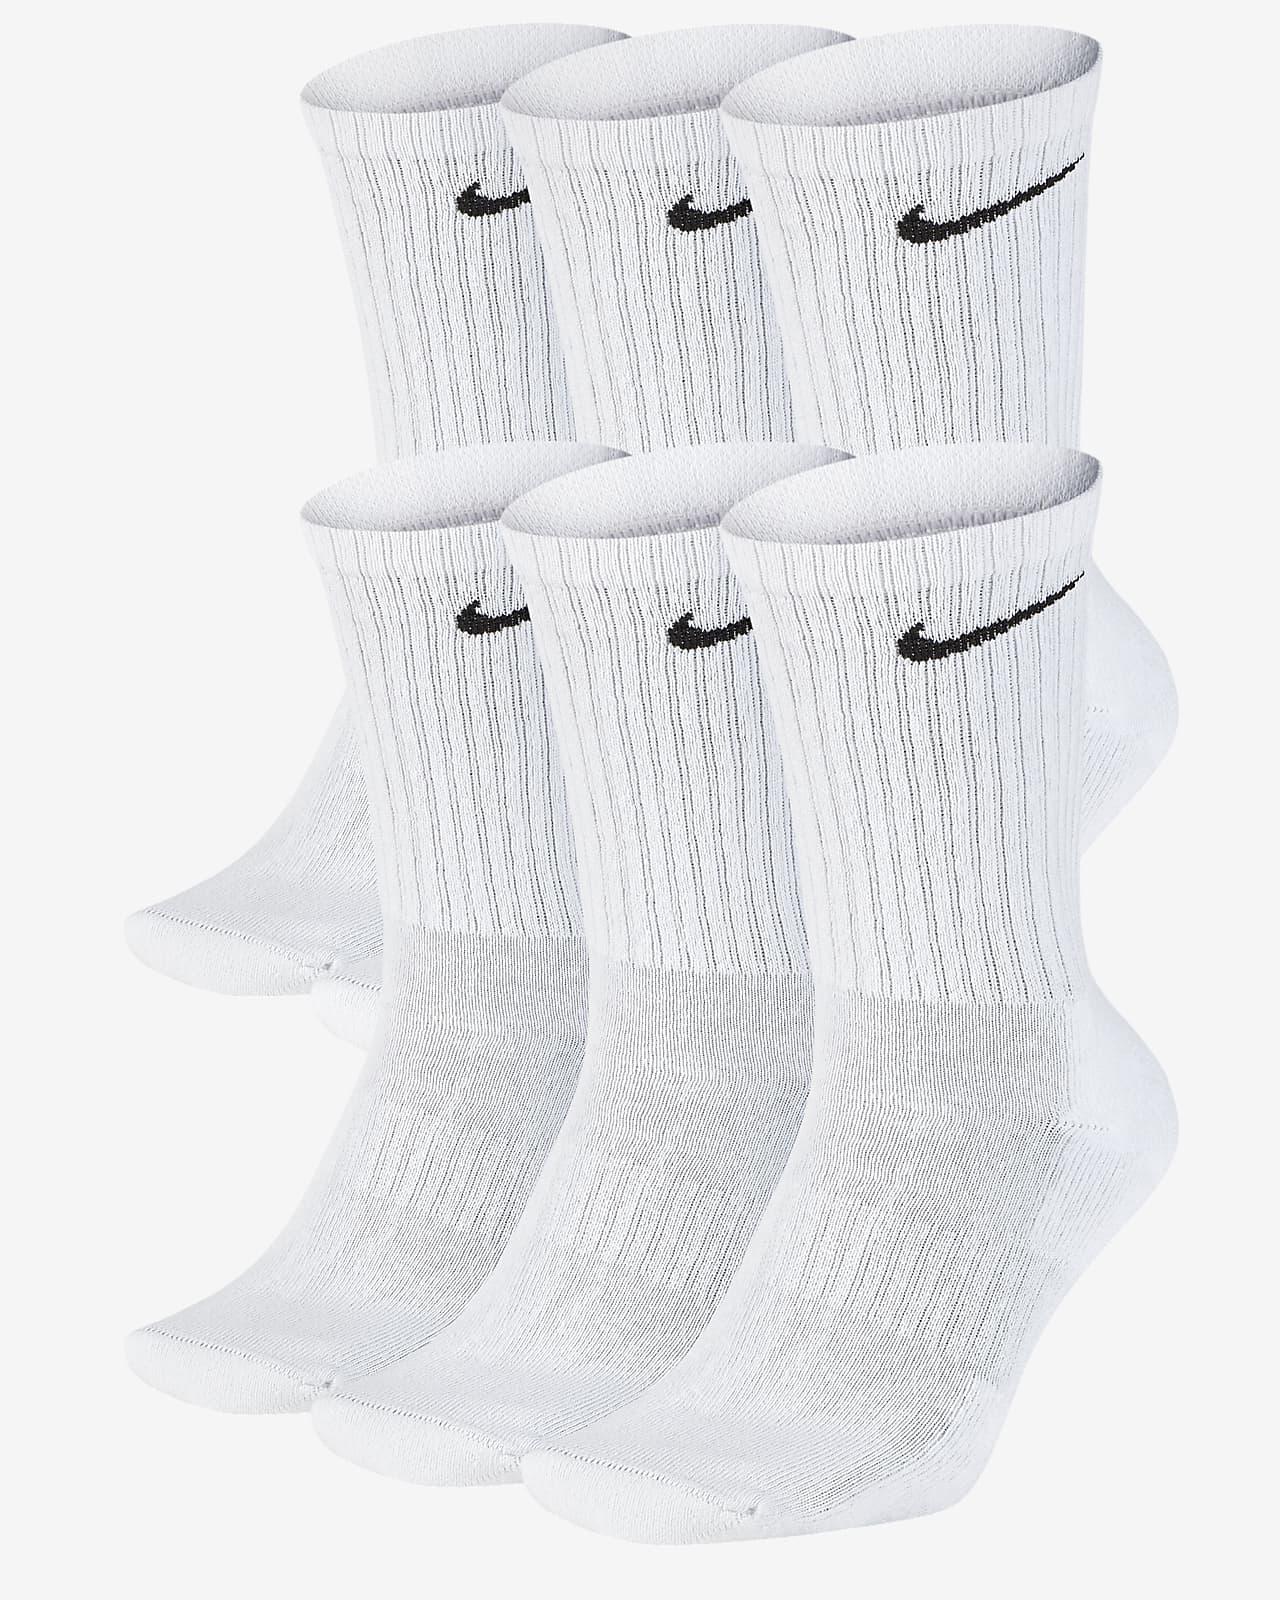 Calze da training Nike Everyday Cushioned di media lunghezza (6 paia)